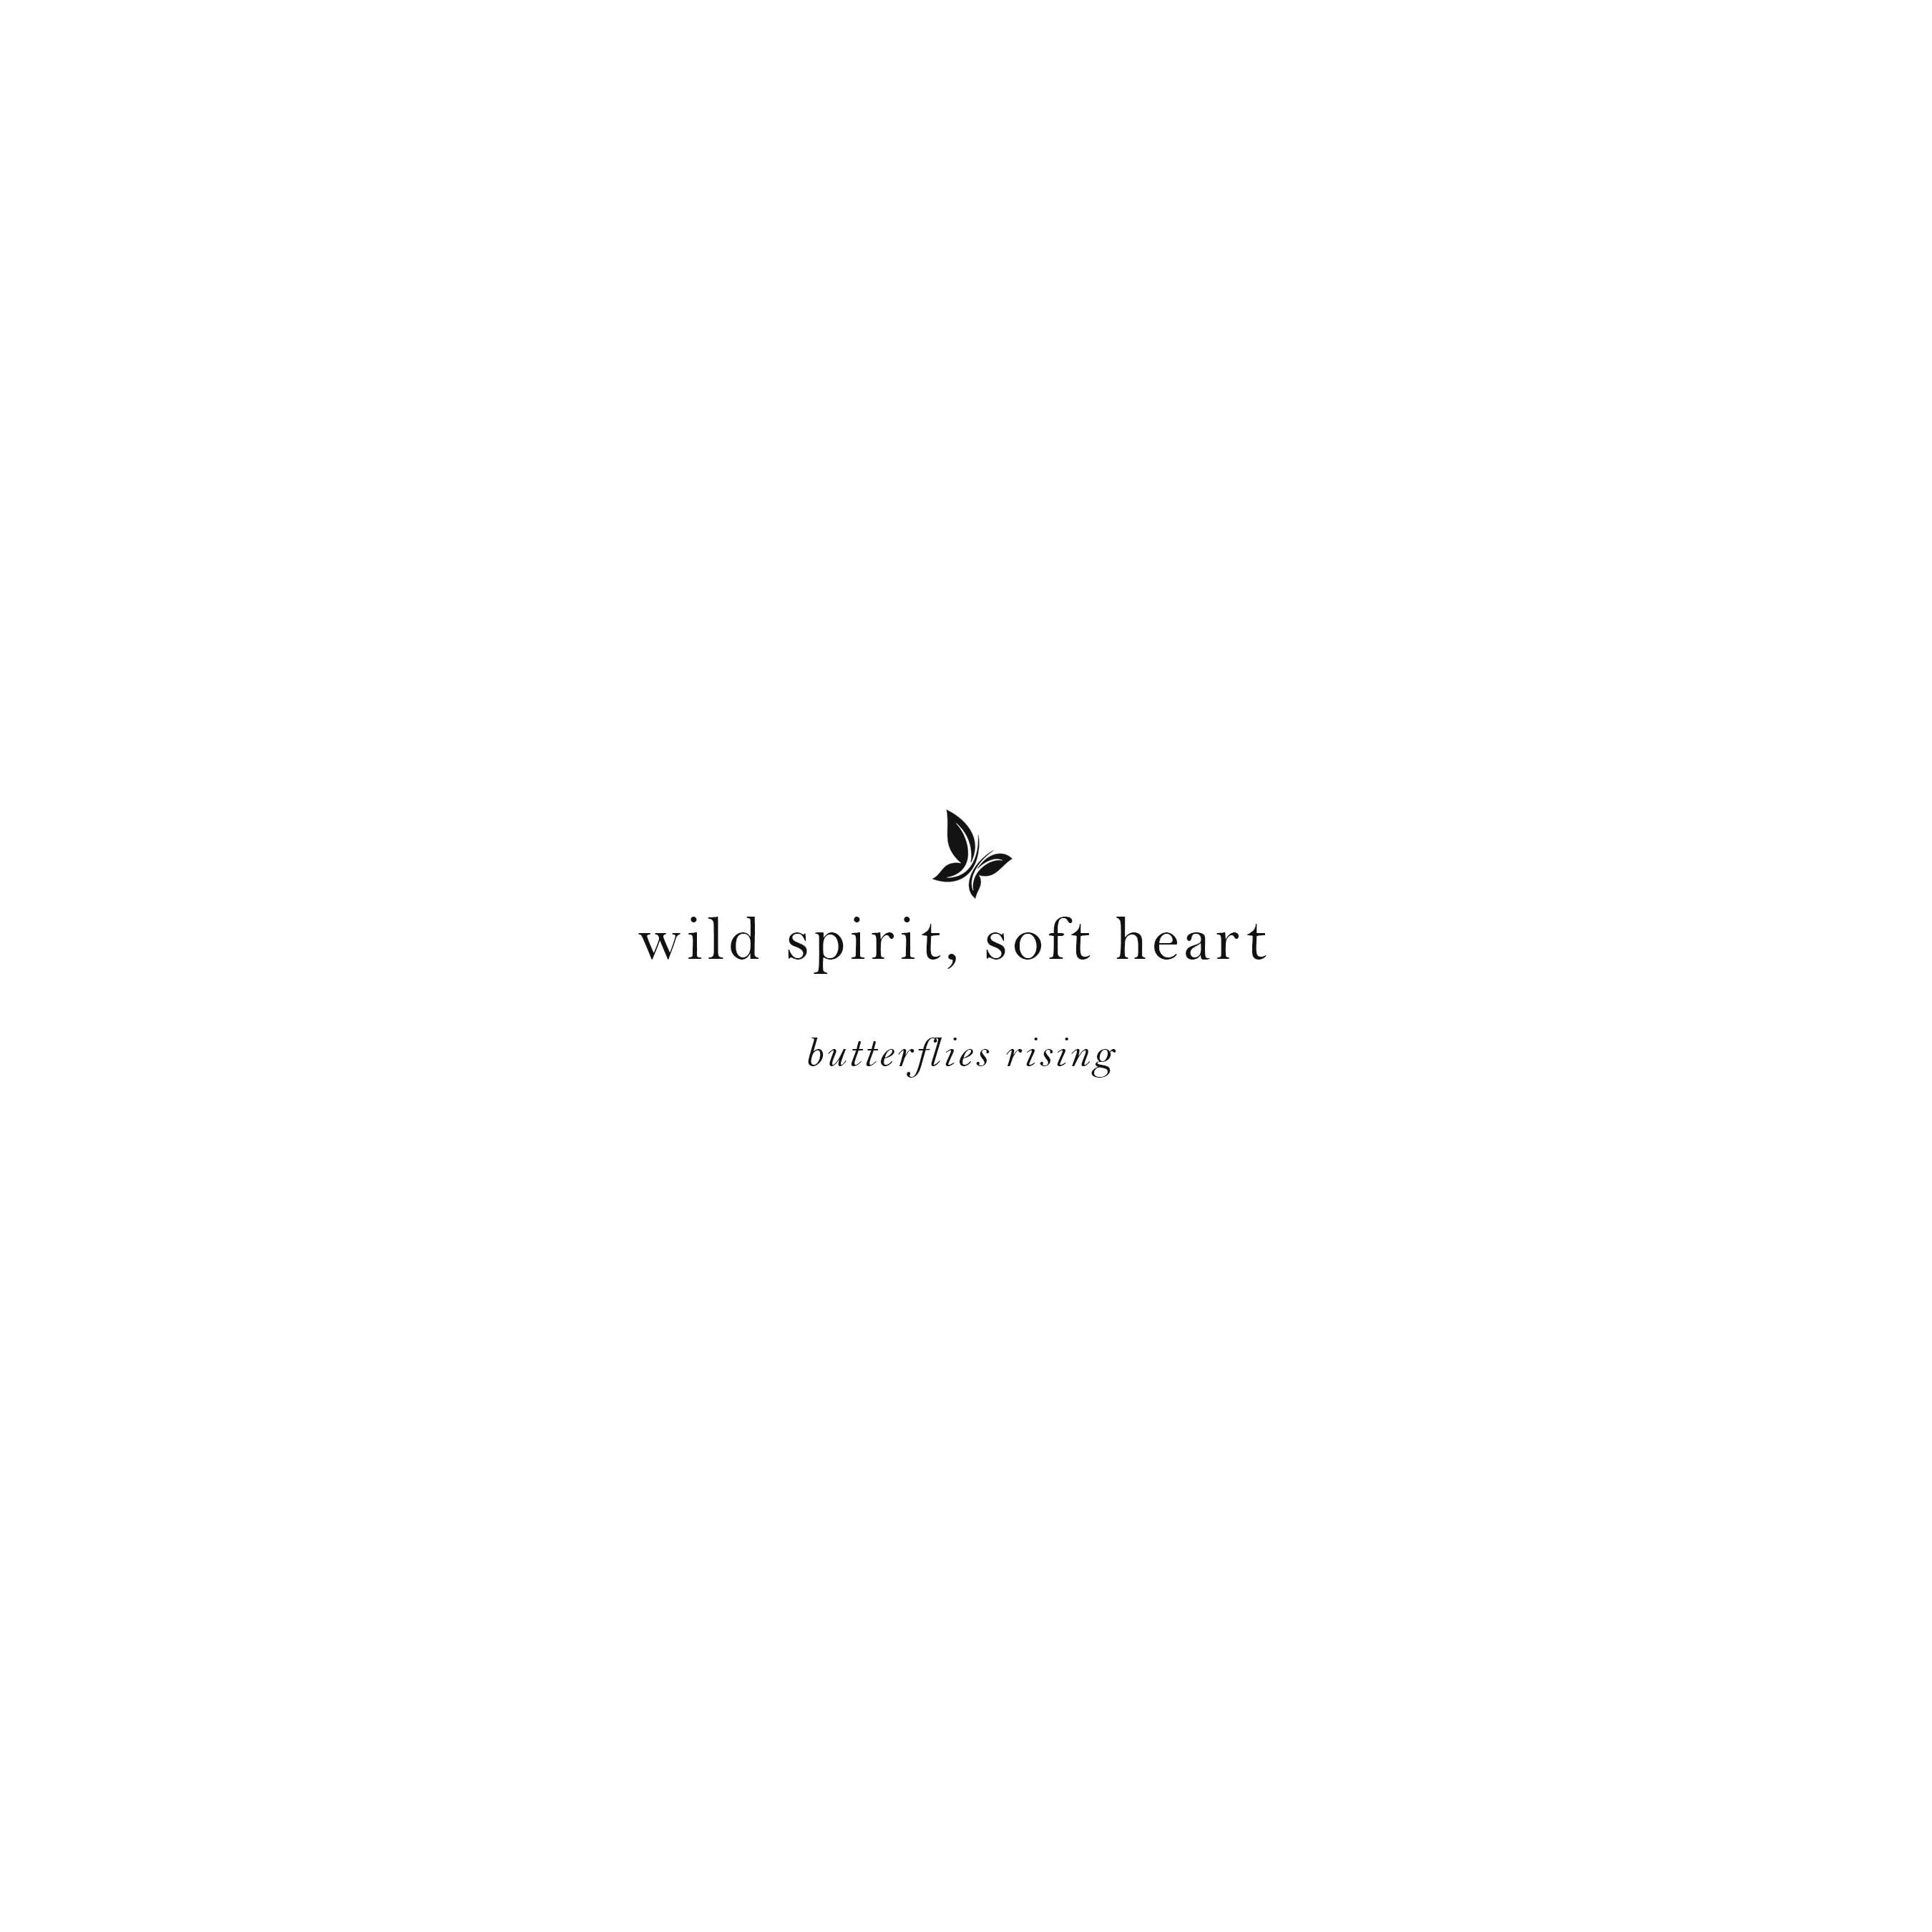 wild spirit, soft heart by butterflies rising